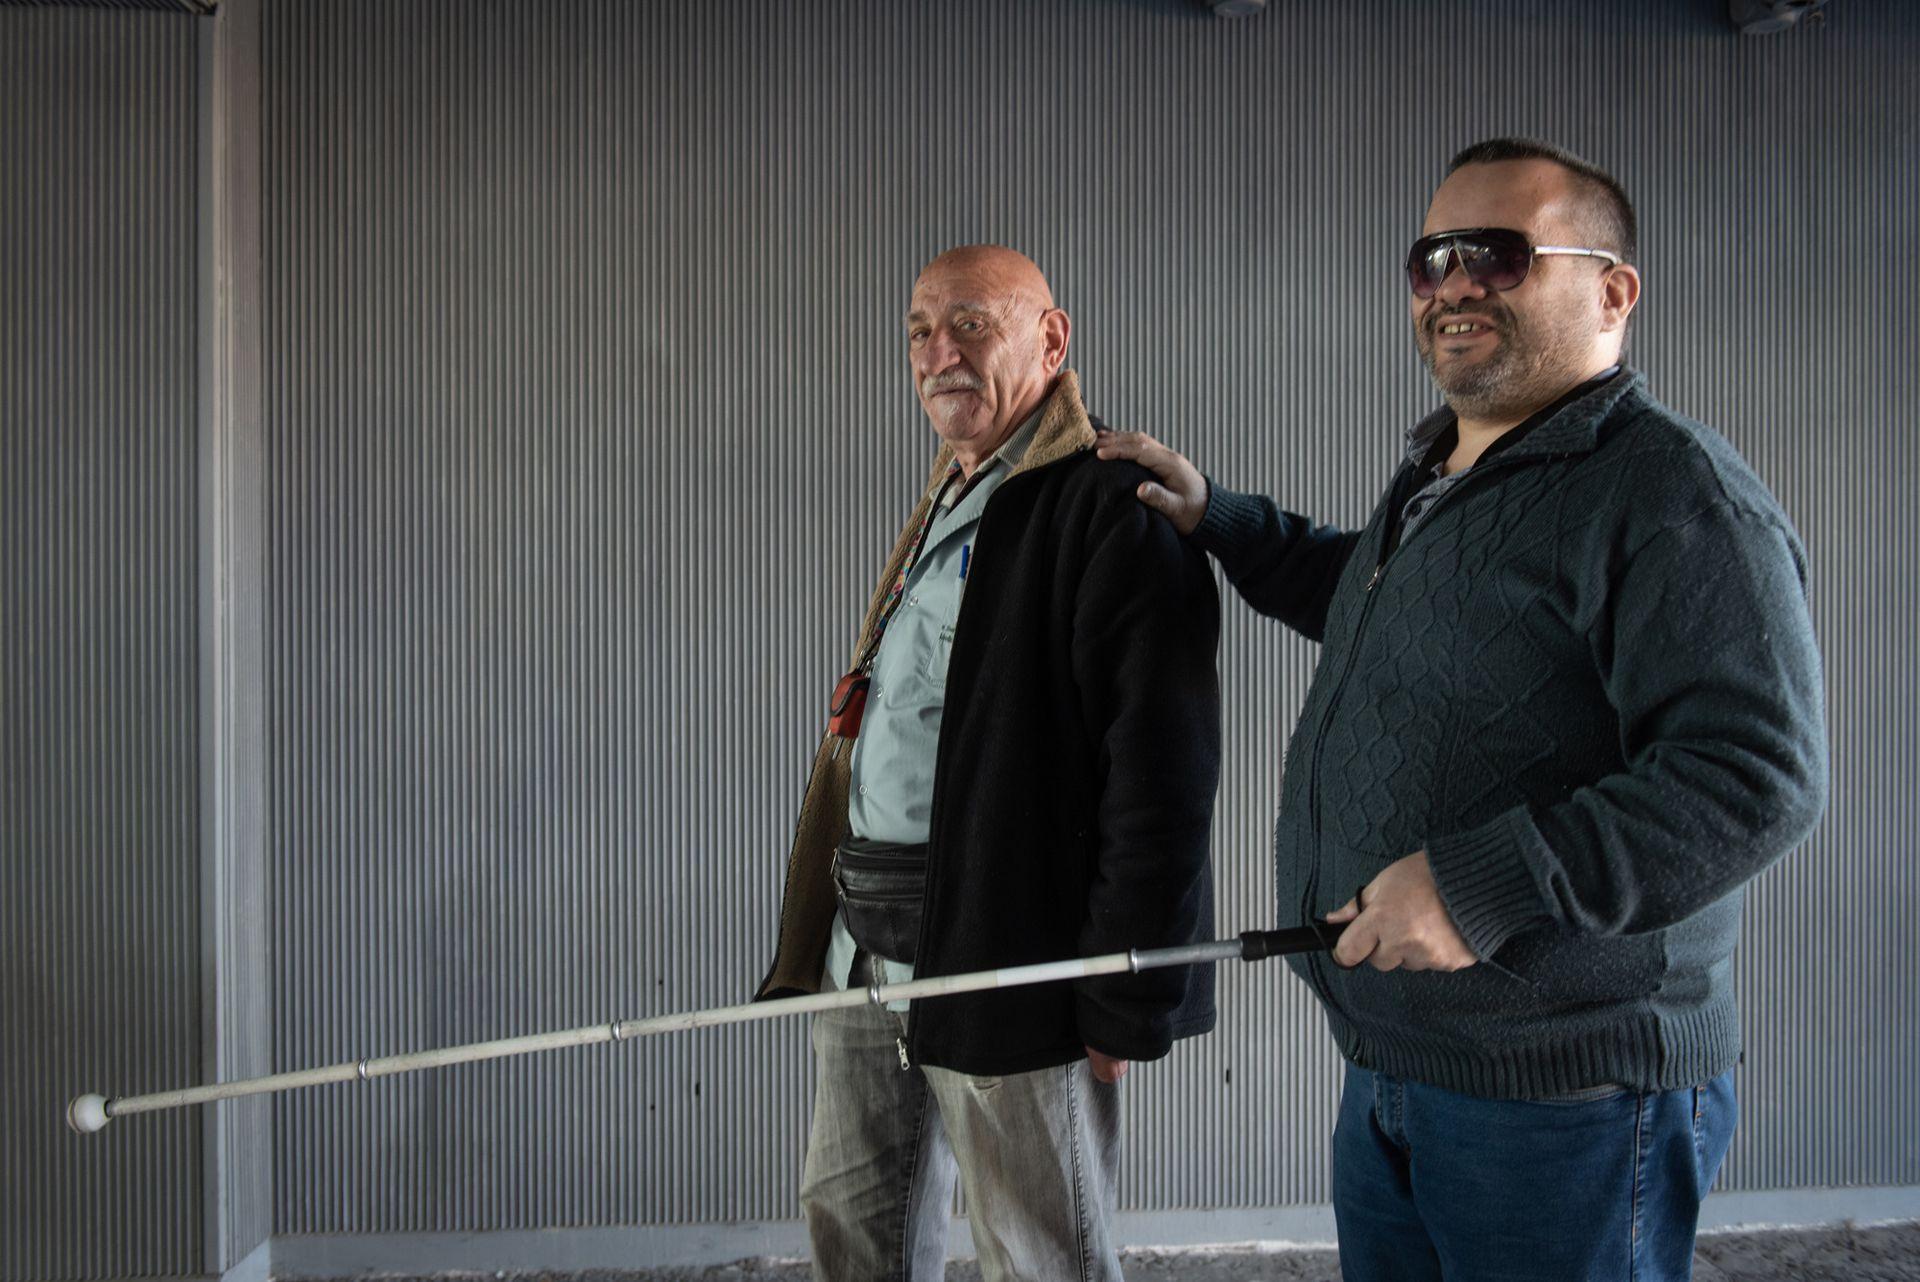 """Domingo Grimberg: """"Me duele mucho que el cupo laboral para personas con discapacidad no se cumpla"""""""